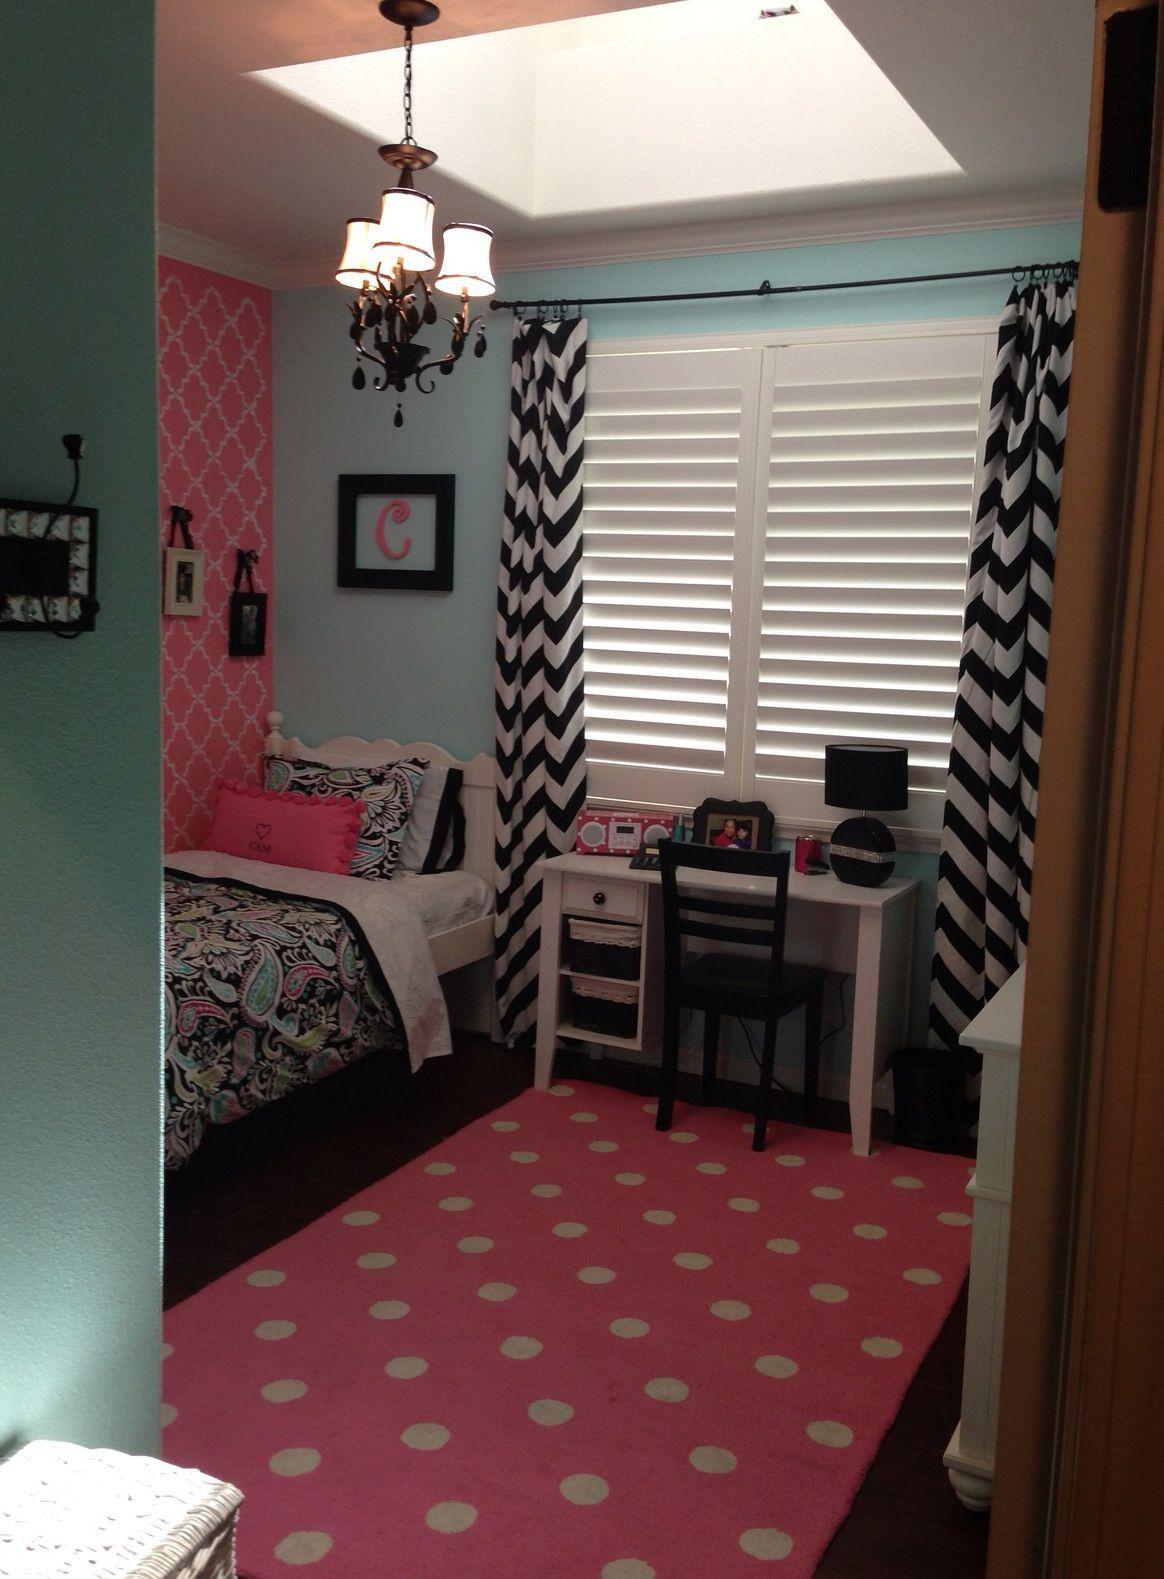 Pin von Brook Morales auf Rooms/around home | Pinterest ...